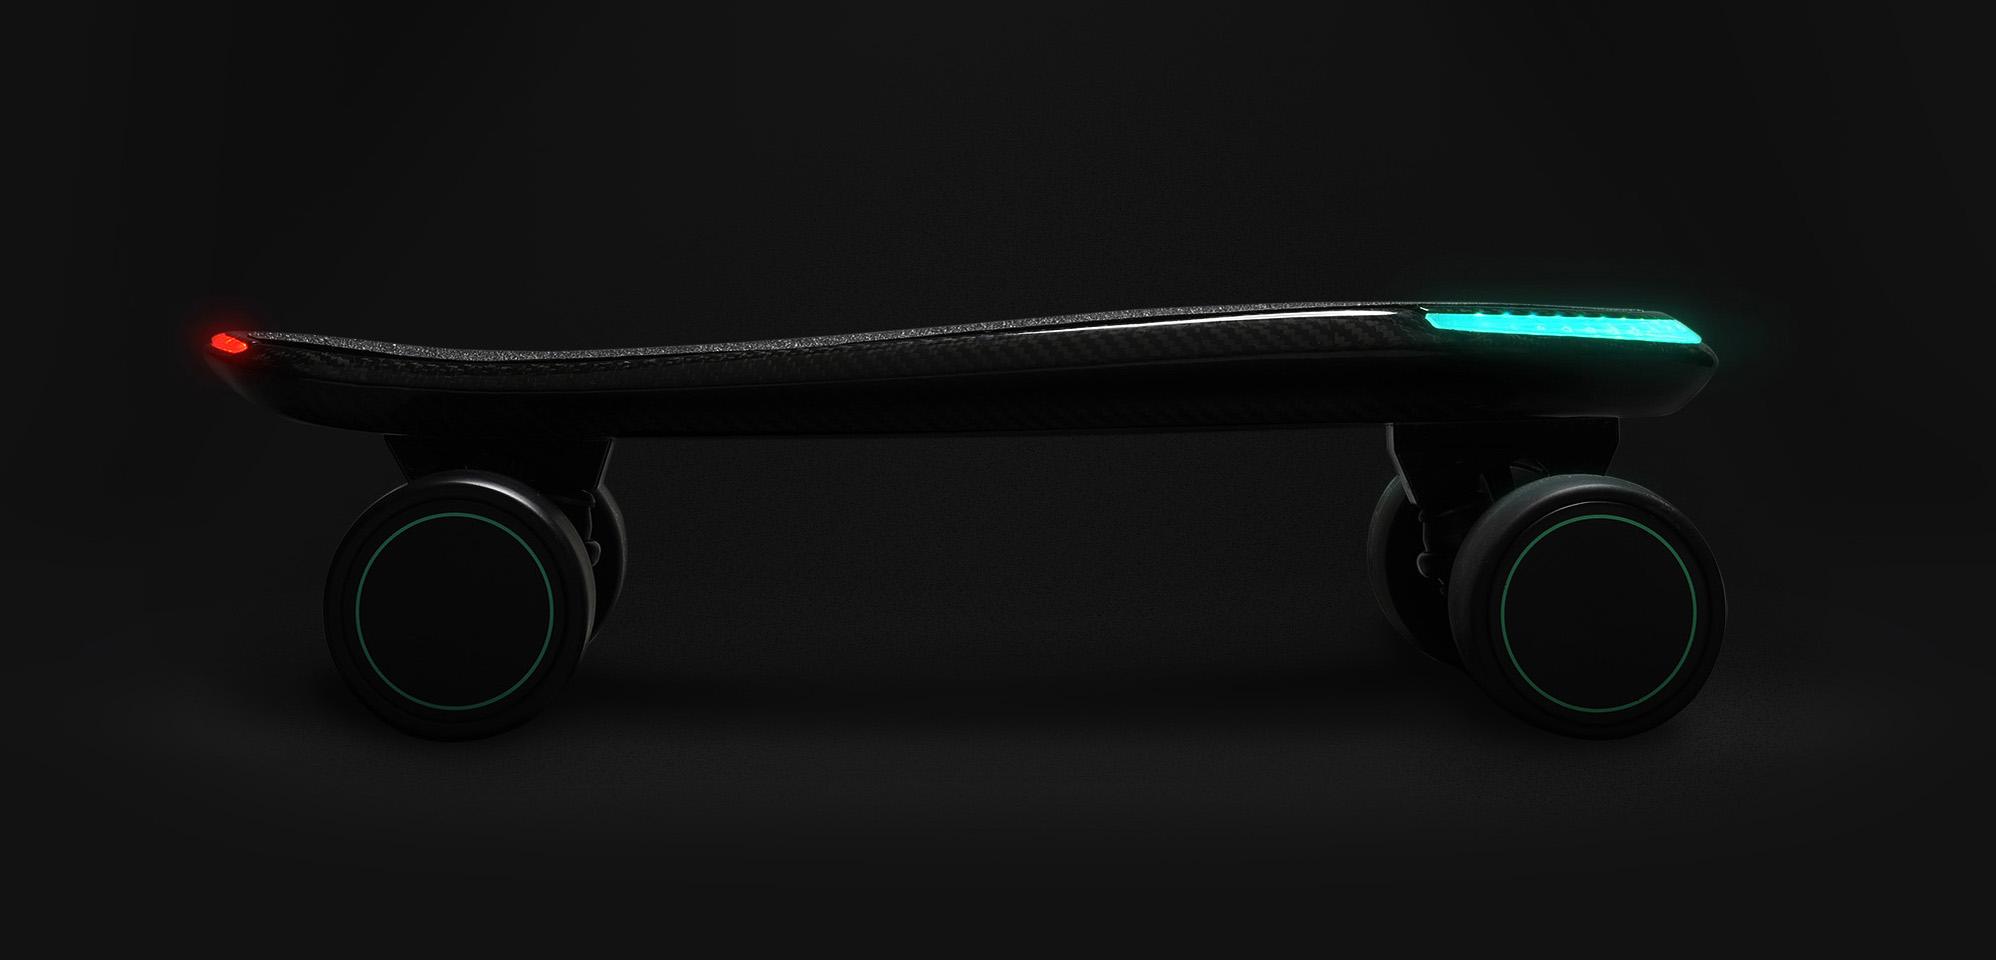 首款全球最小的3D体感滑板上市,要重新定义滑板?